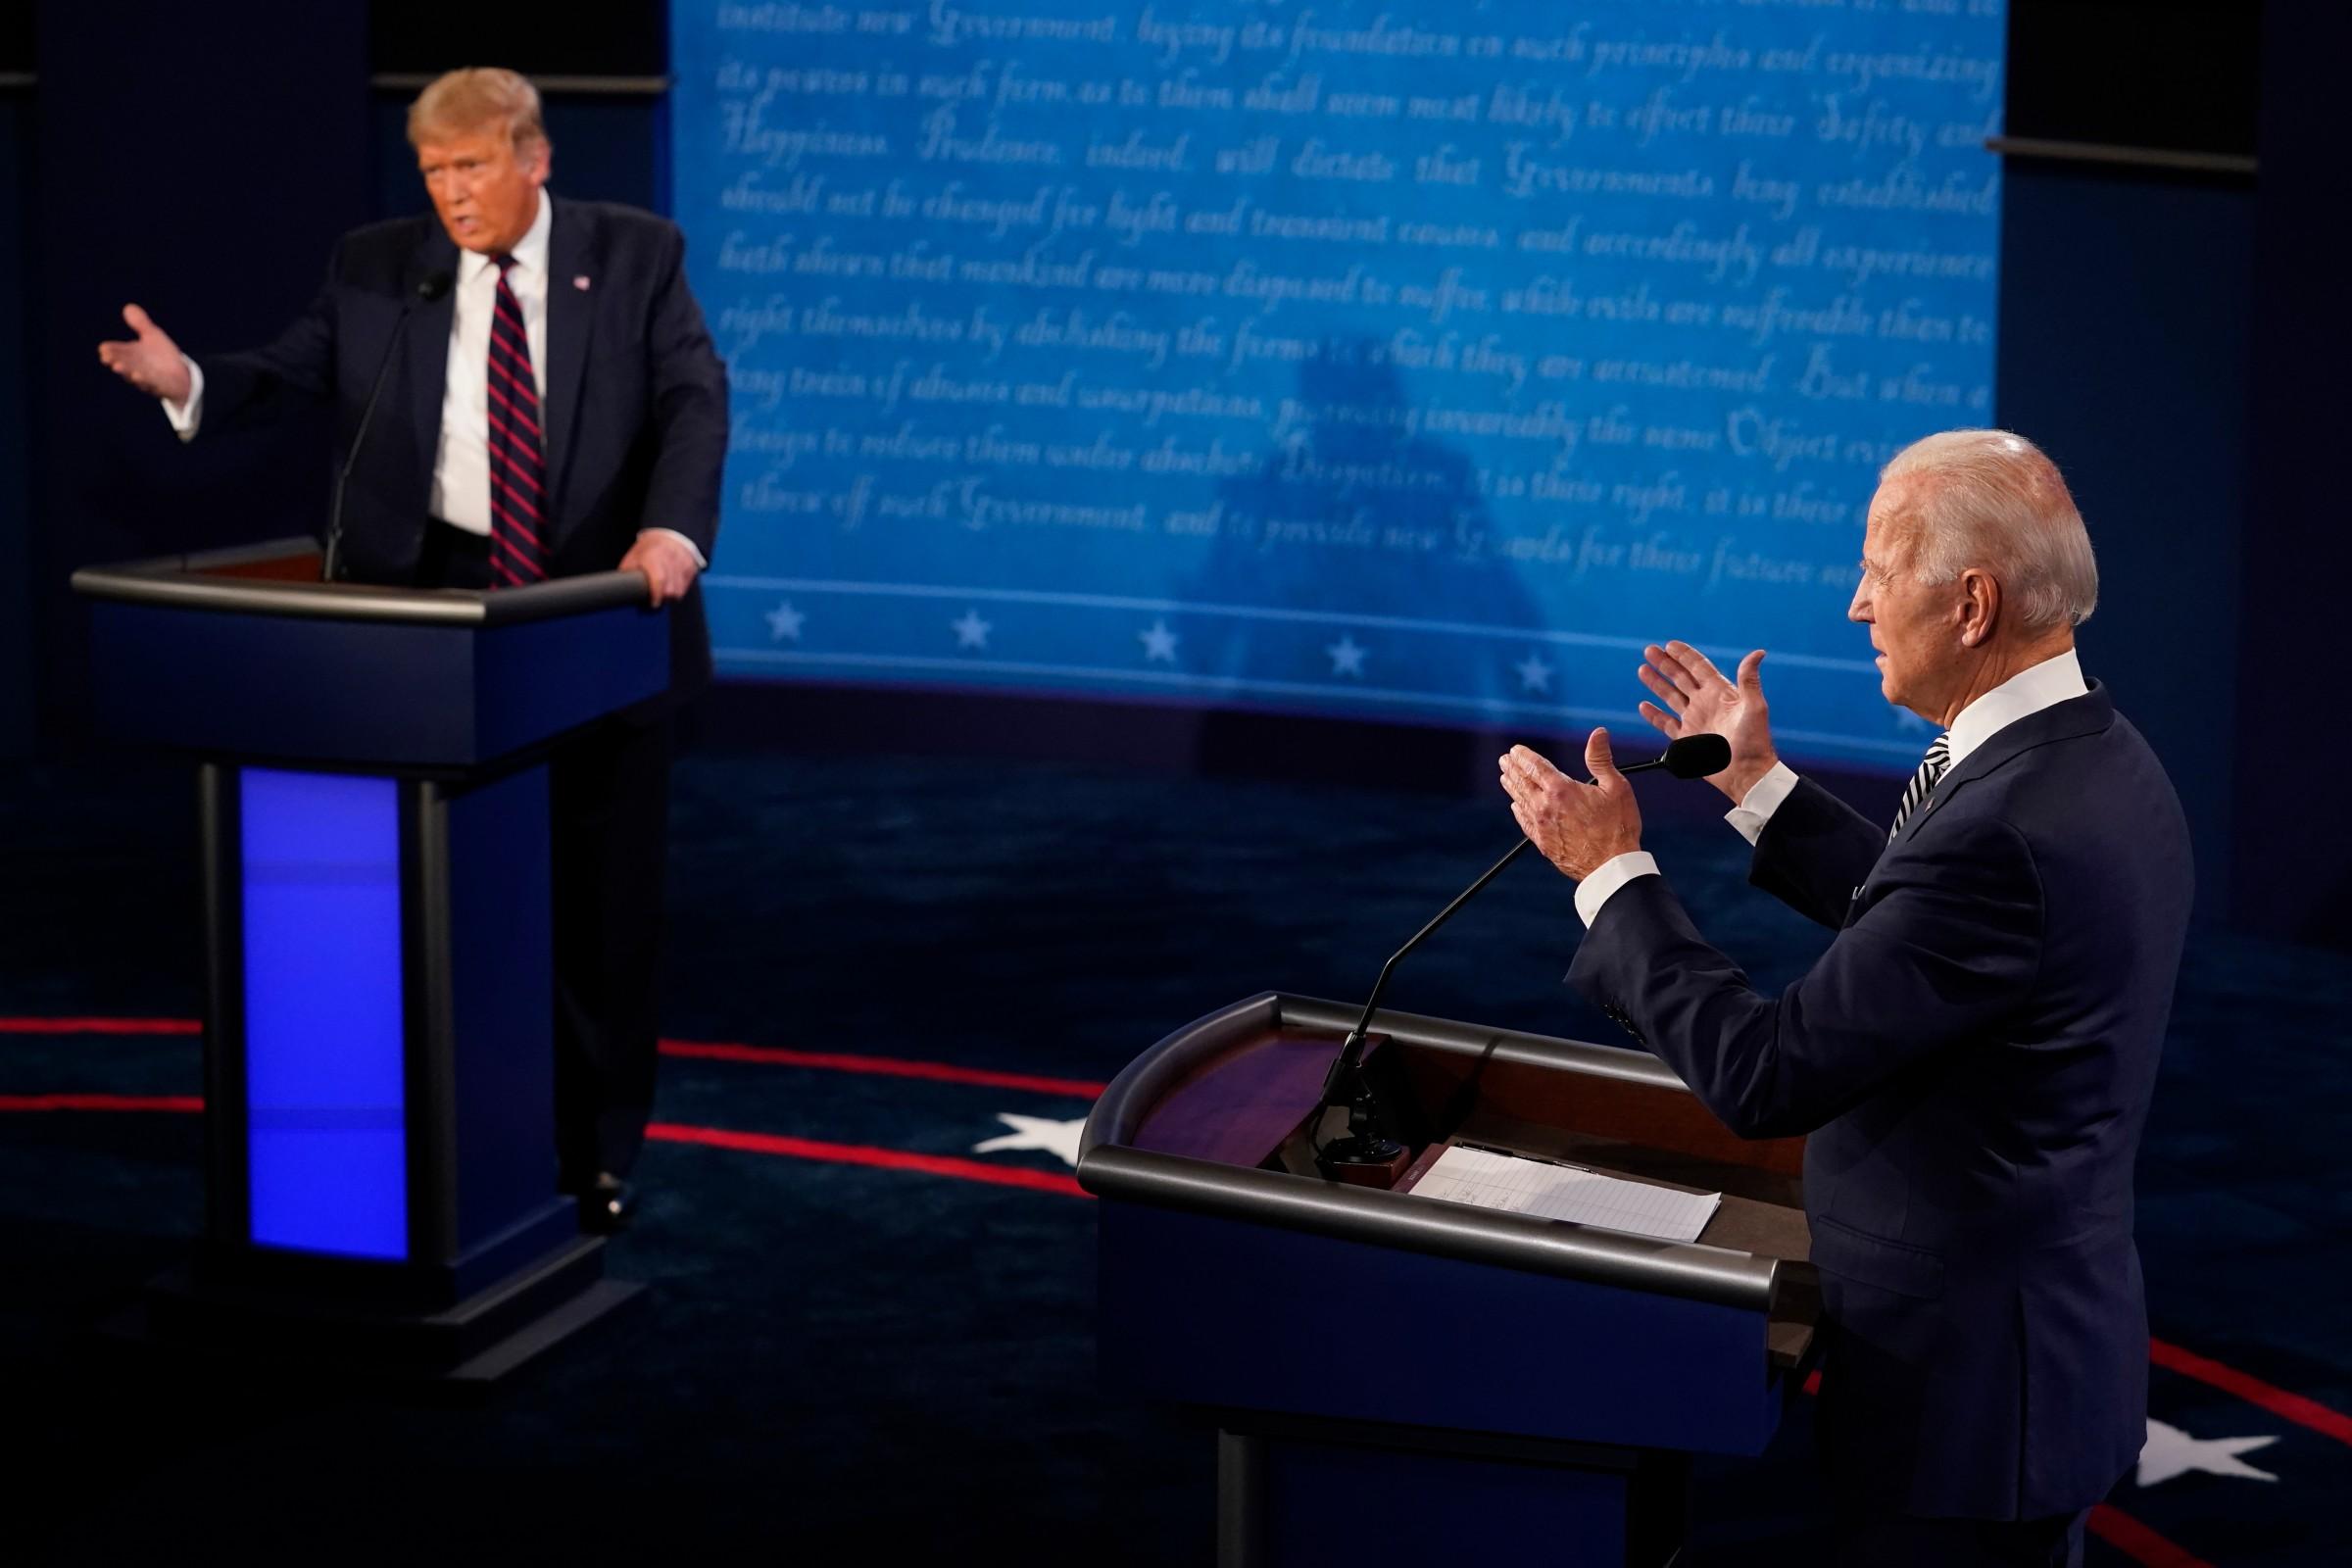 El primer debate Trump-Biden, un festival de interrupciones e insultos |  Electomanía